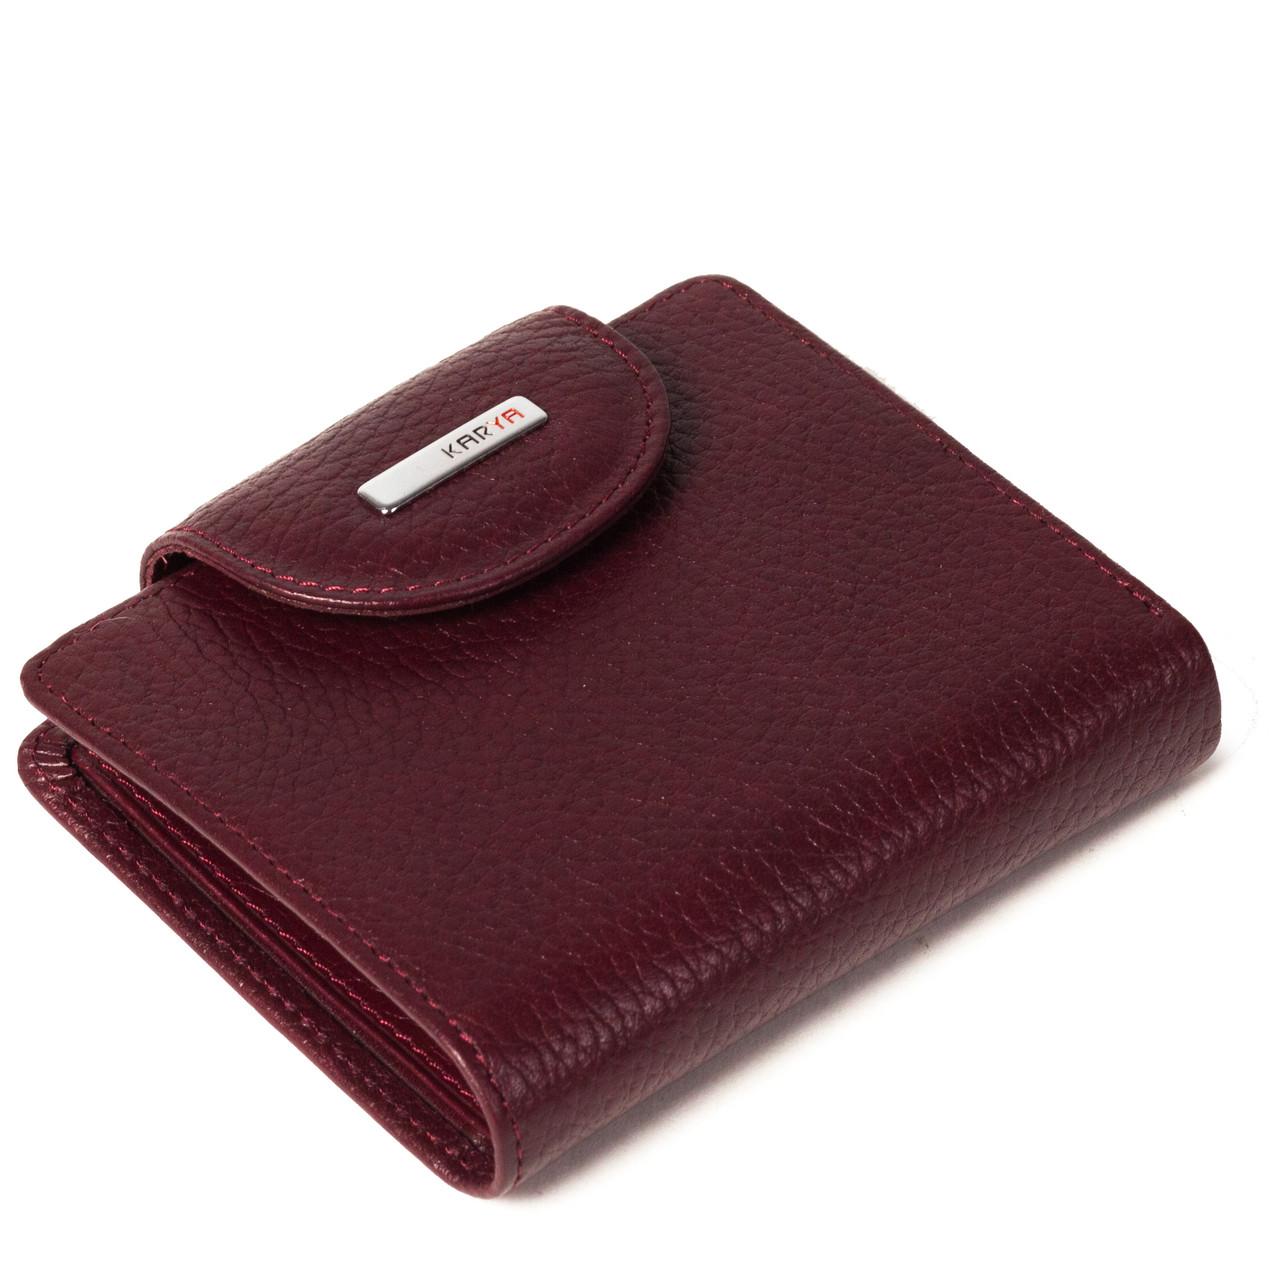 Маленький женский кошелек кожаный бордовый Karya 1052-243